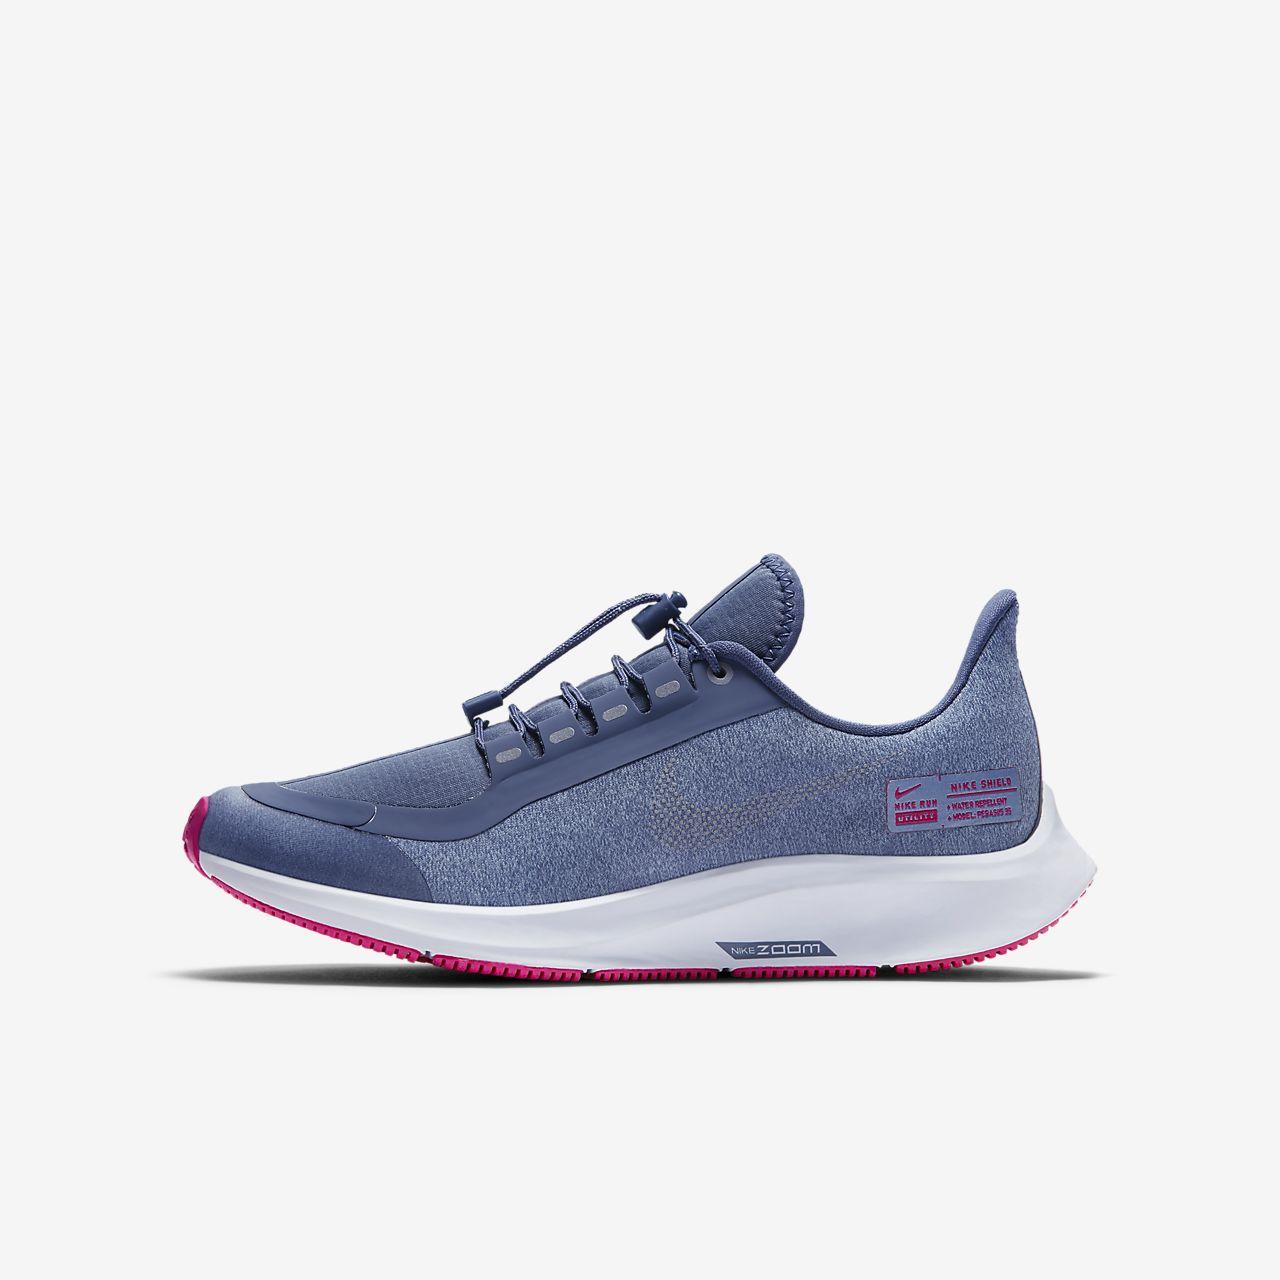 220a5d17a88 ... Nike Air Zoom Pegasus 35 Shield Hardloopschoen voor kleuters/kids